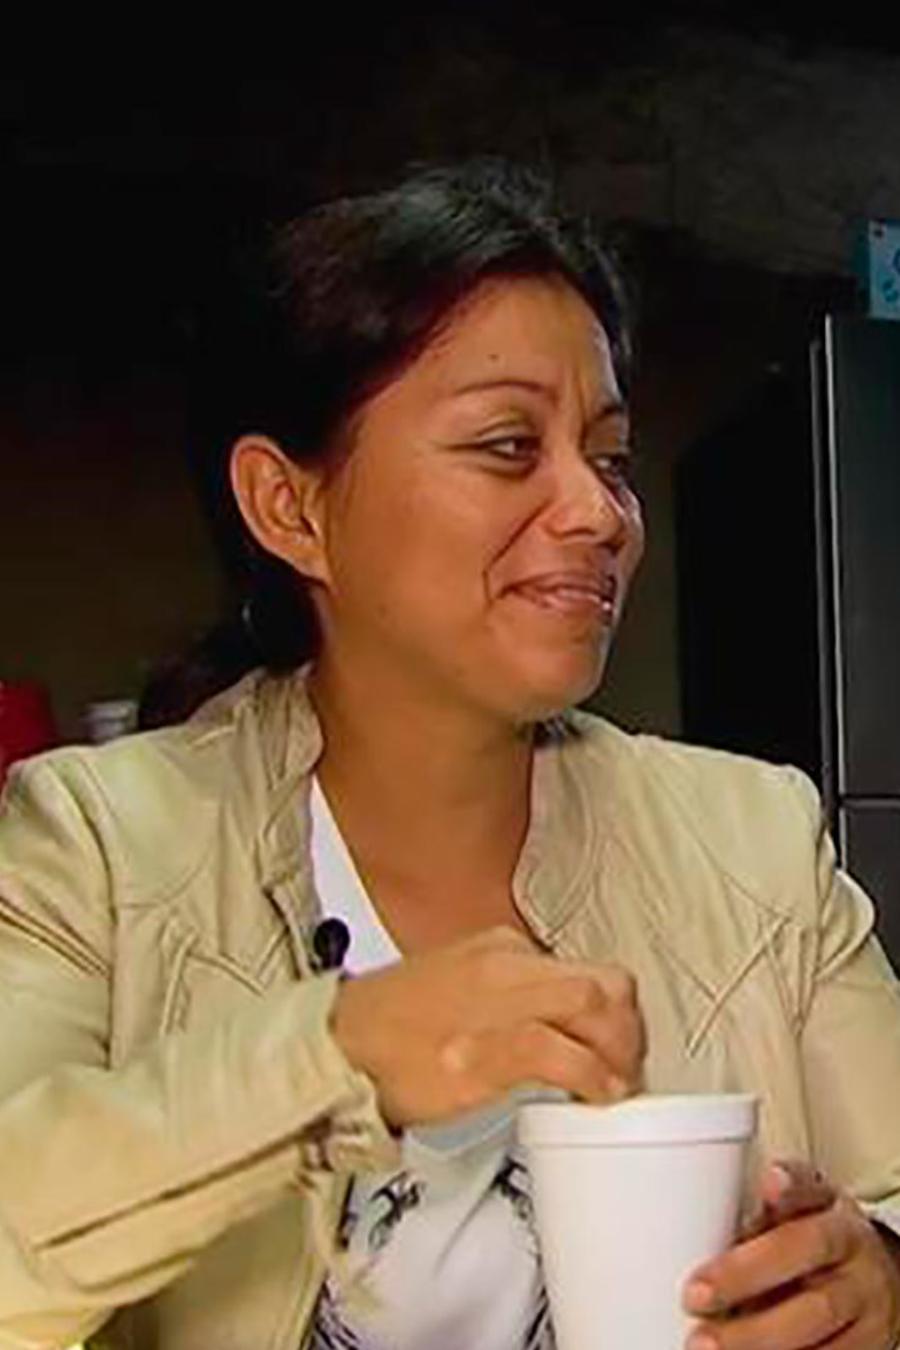 Te contamos la historia de una madre que lleva más de un mes tratando de cruzar la frontera